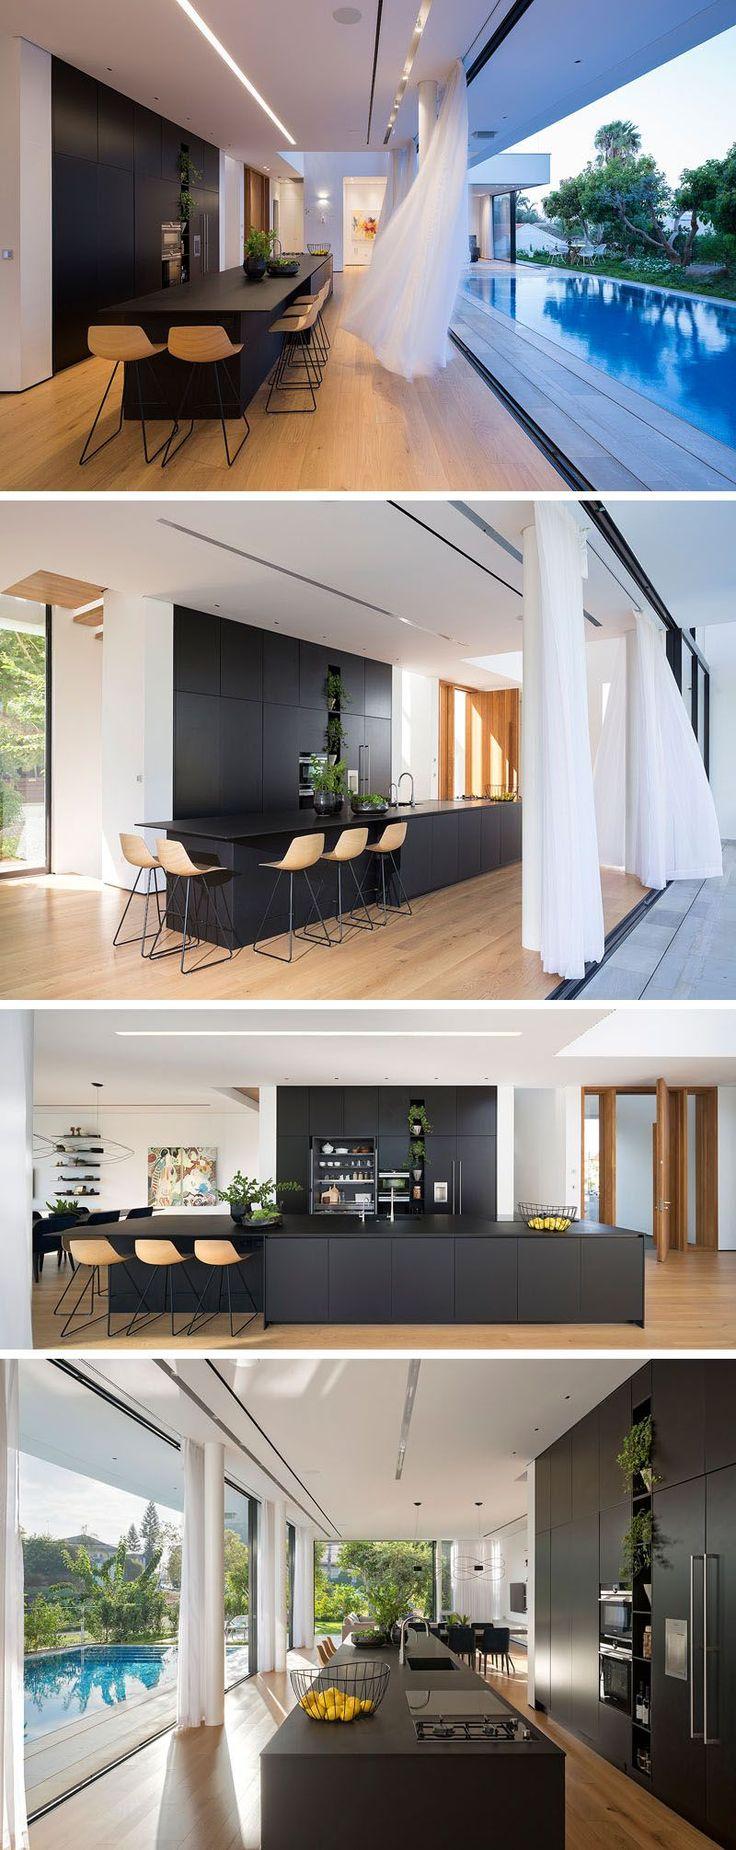 """Sala de estar, cozinha e uma suíte se fundem à piscina por um moderno sistema de portas de correr. Mecanismo faz com que as peças corram simultaneamente e se escondam. Elaborada pela equipe do escritório de arquitetura israelense Shachar-Rozenfeld, esta casa em Rishon LeZion, Israel, exala modernidade através do conceito """"open-plan"""", termo que designa …"""